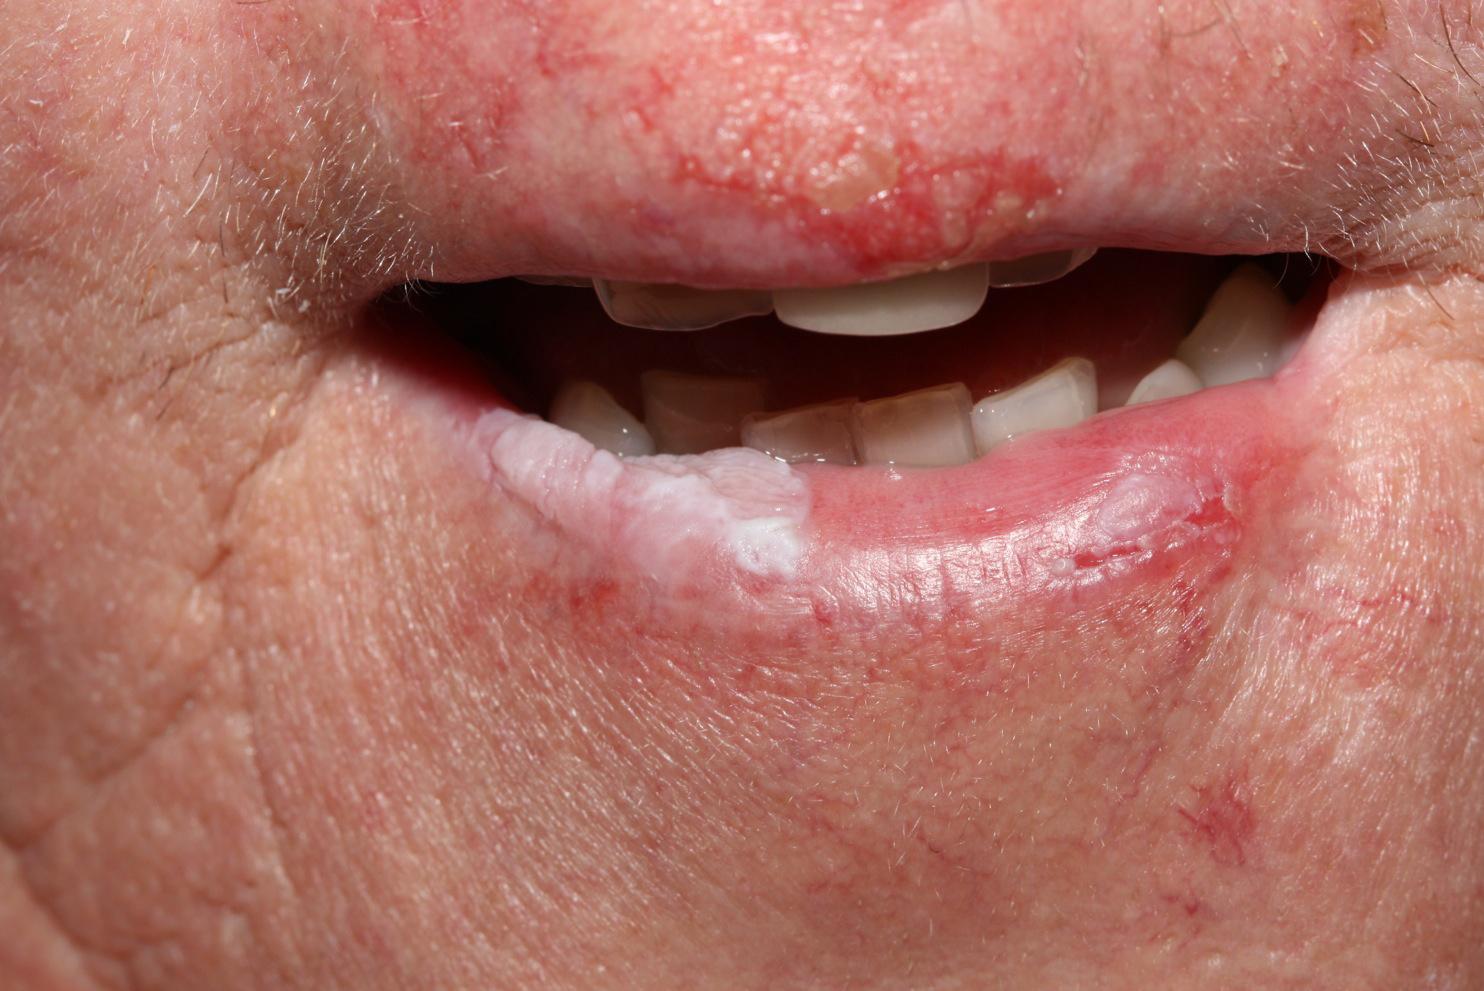 pelyhes vörös foltok a száj közelében)